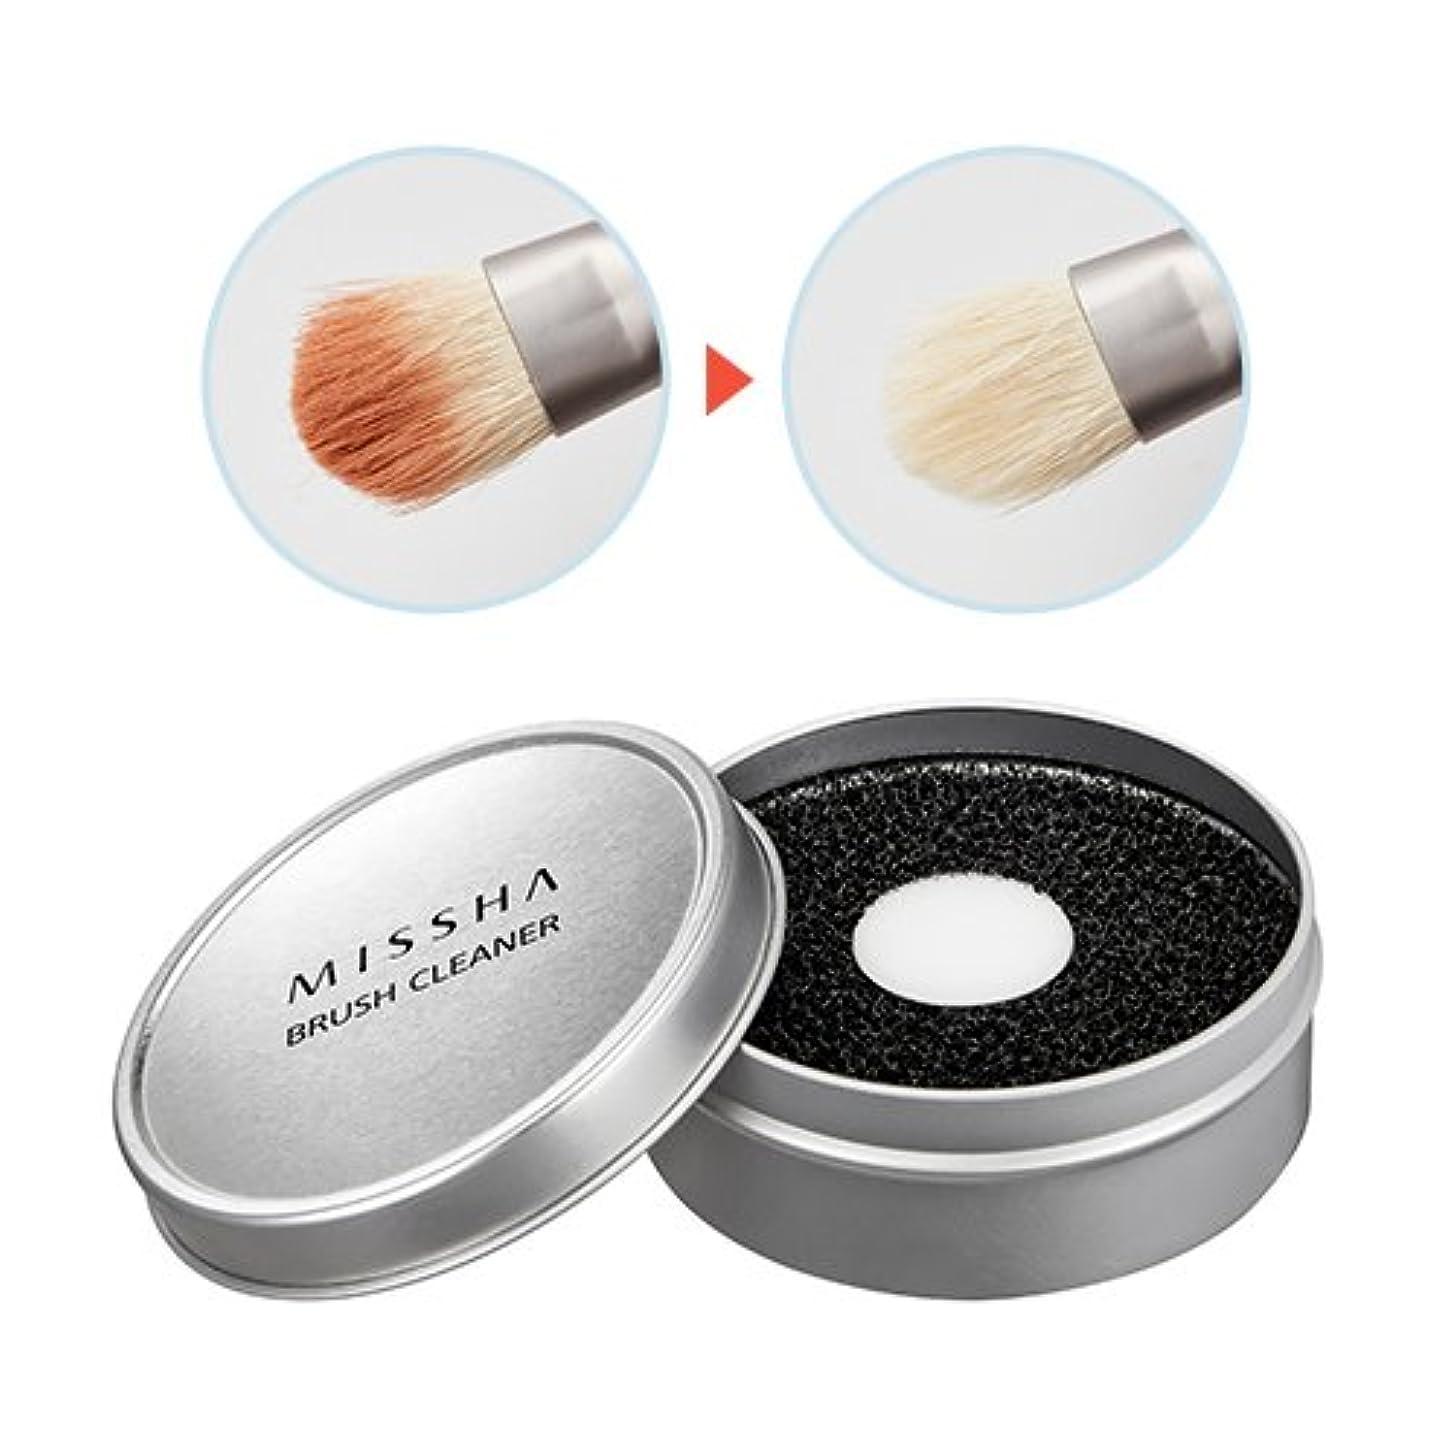 芸術的解釈光のMISSHA Brush Cleaner / ミシャ ブラシクリーナー [NEW] [並行輸入品]